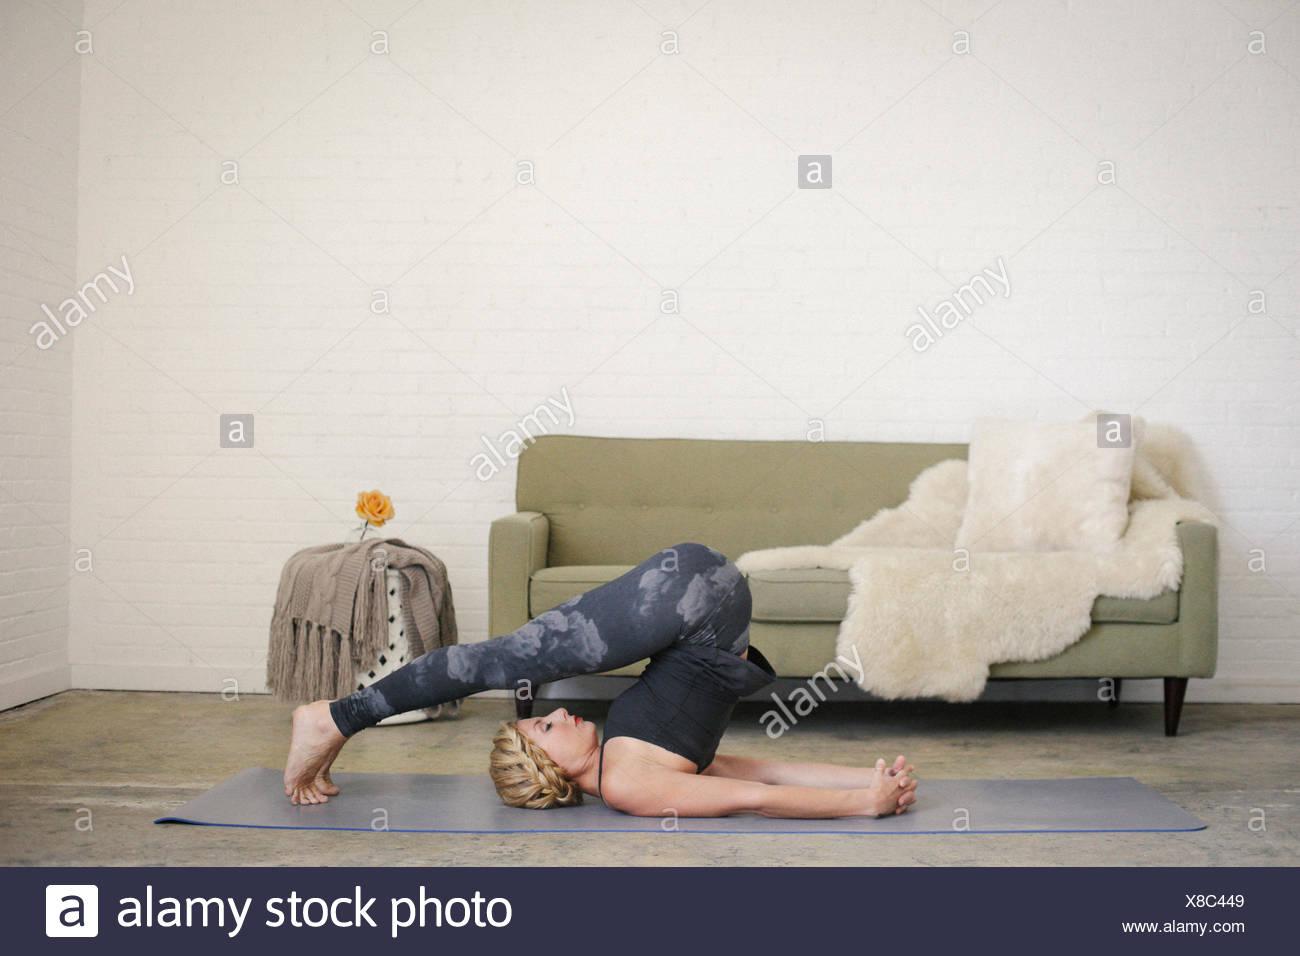 nero lesbiche in yoga pantaloninero Cocks bianco micio foto